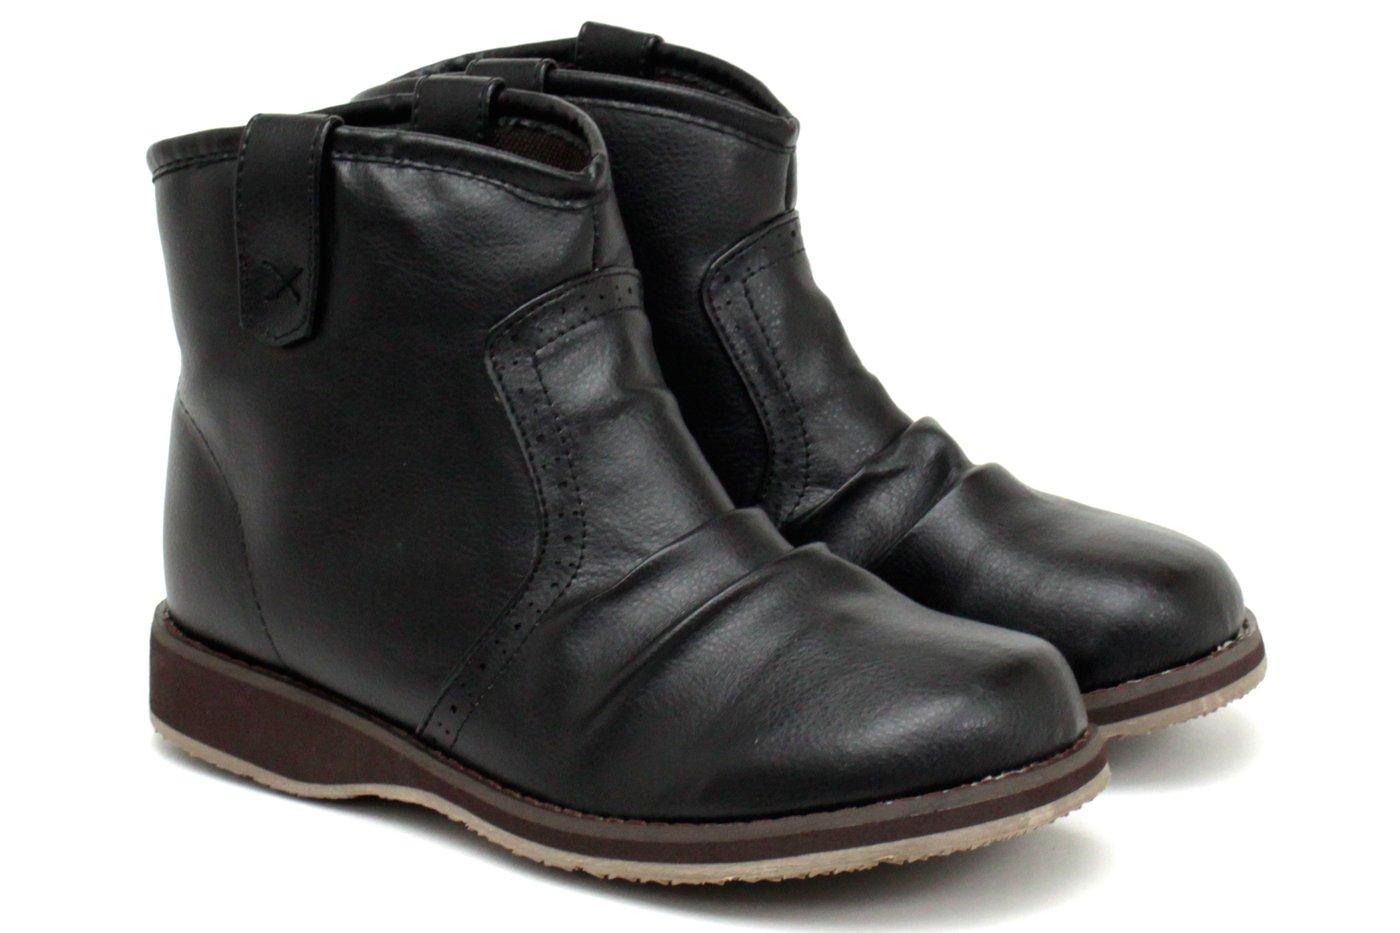 [アキリコ] akiriko 軽くてやわらかソフト素材 コガシ加工 シンプルなカジュアルデザイン 約2.8cmローヒール アンクル丈ブーツ